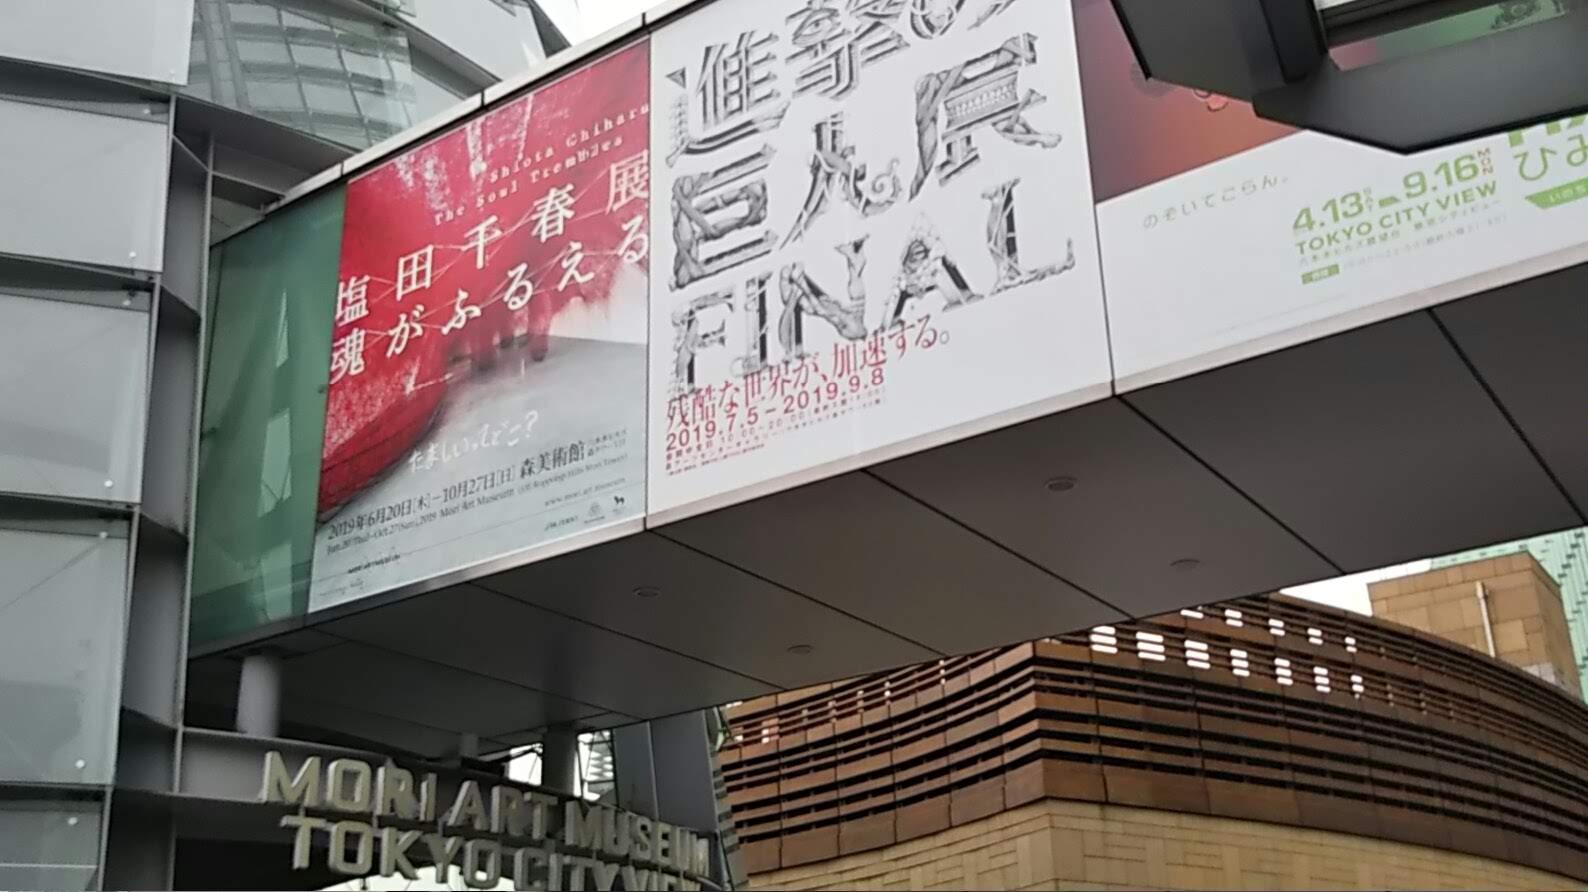 進撃の巨人展FINALで使った金額を計算。東京郊外に住む大人二人で六本木ヒルズに行く